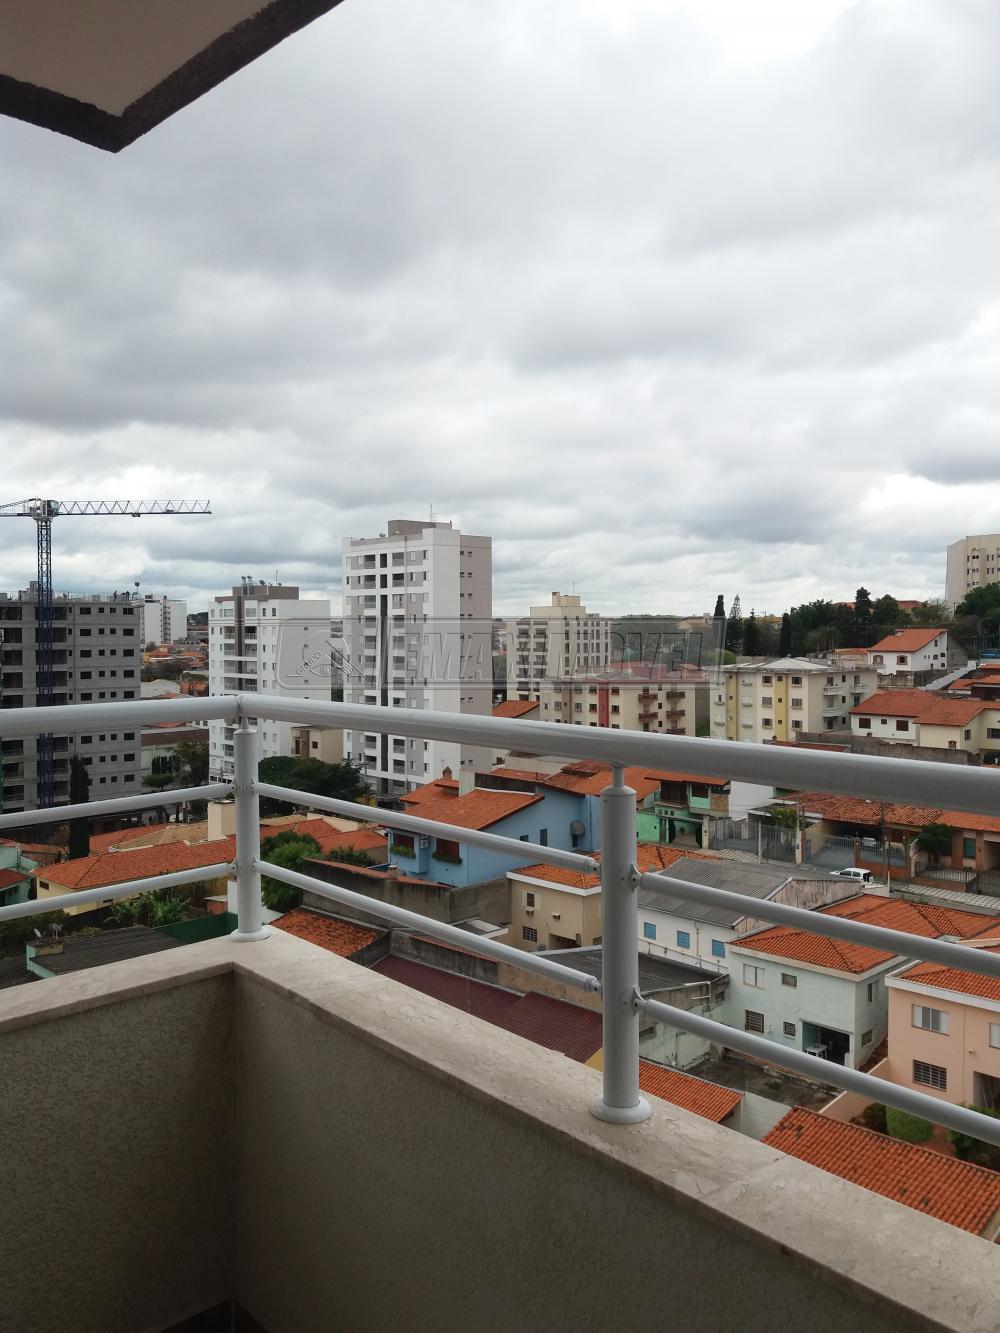 Comprar Apartamentos / Apto Padrão em Sorocaba apenas R$ 535.000,00 - Foto 21